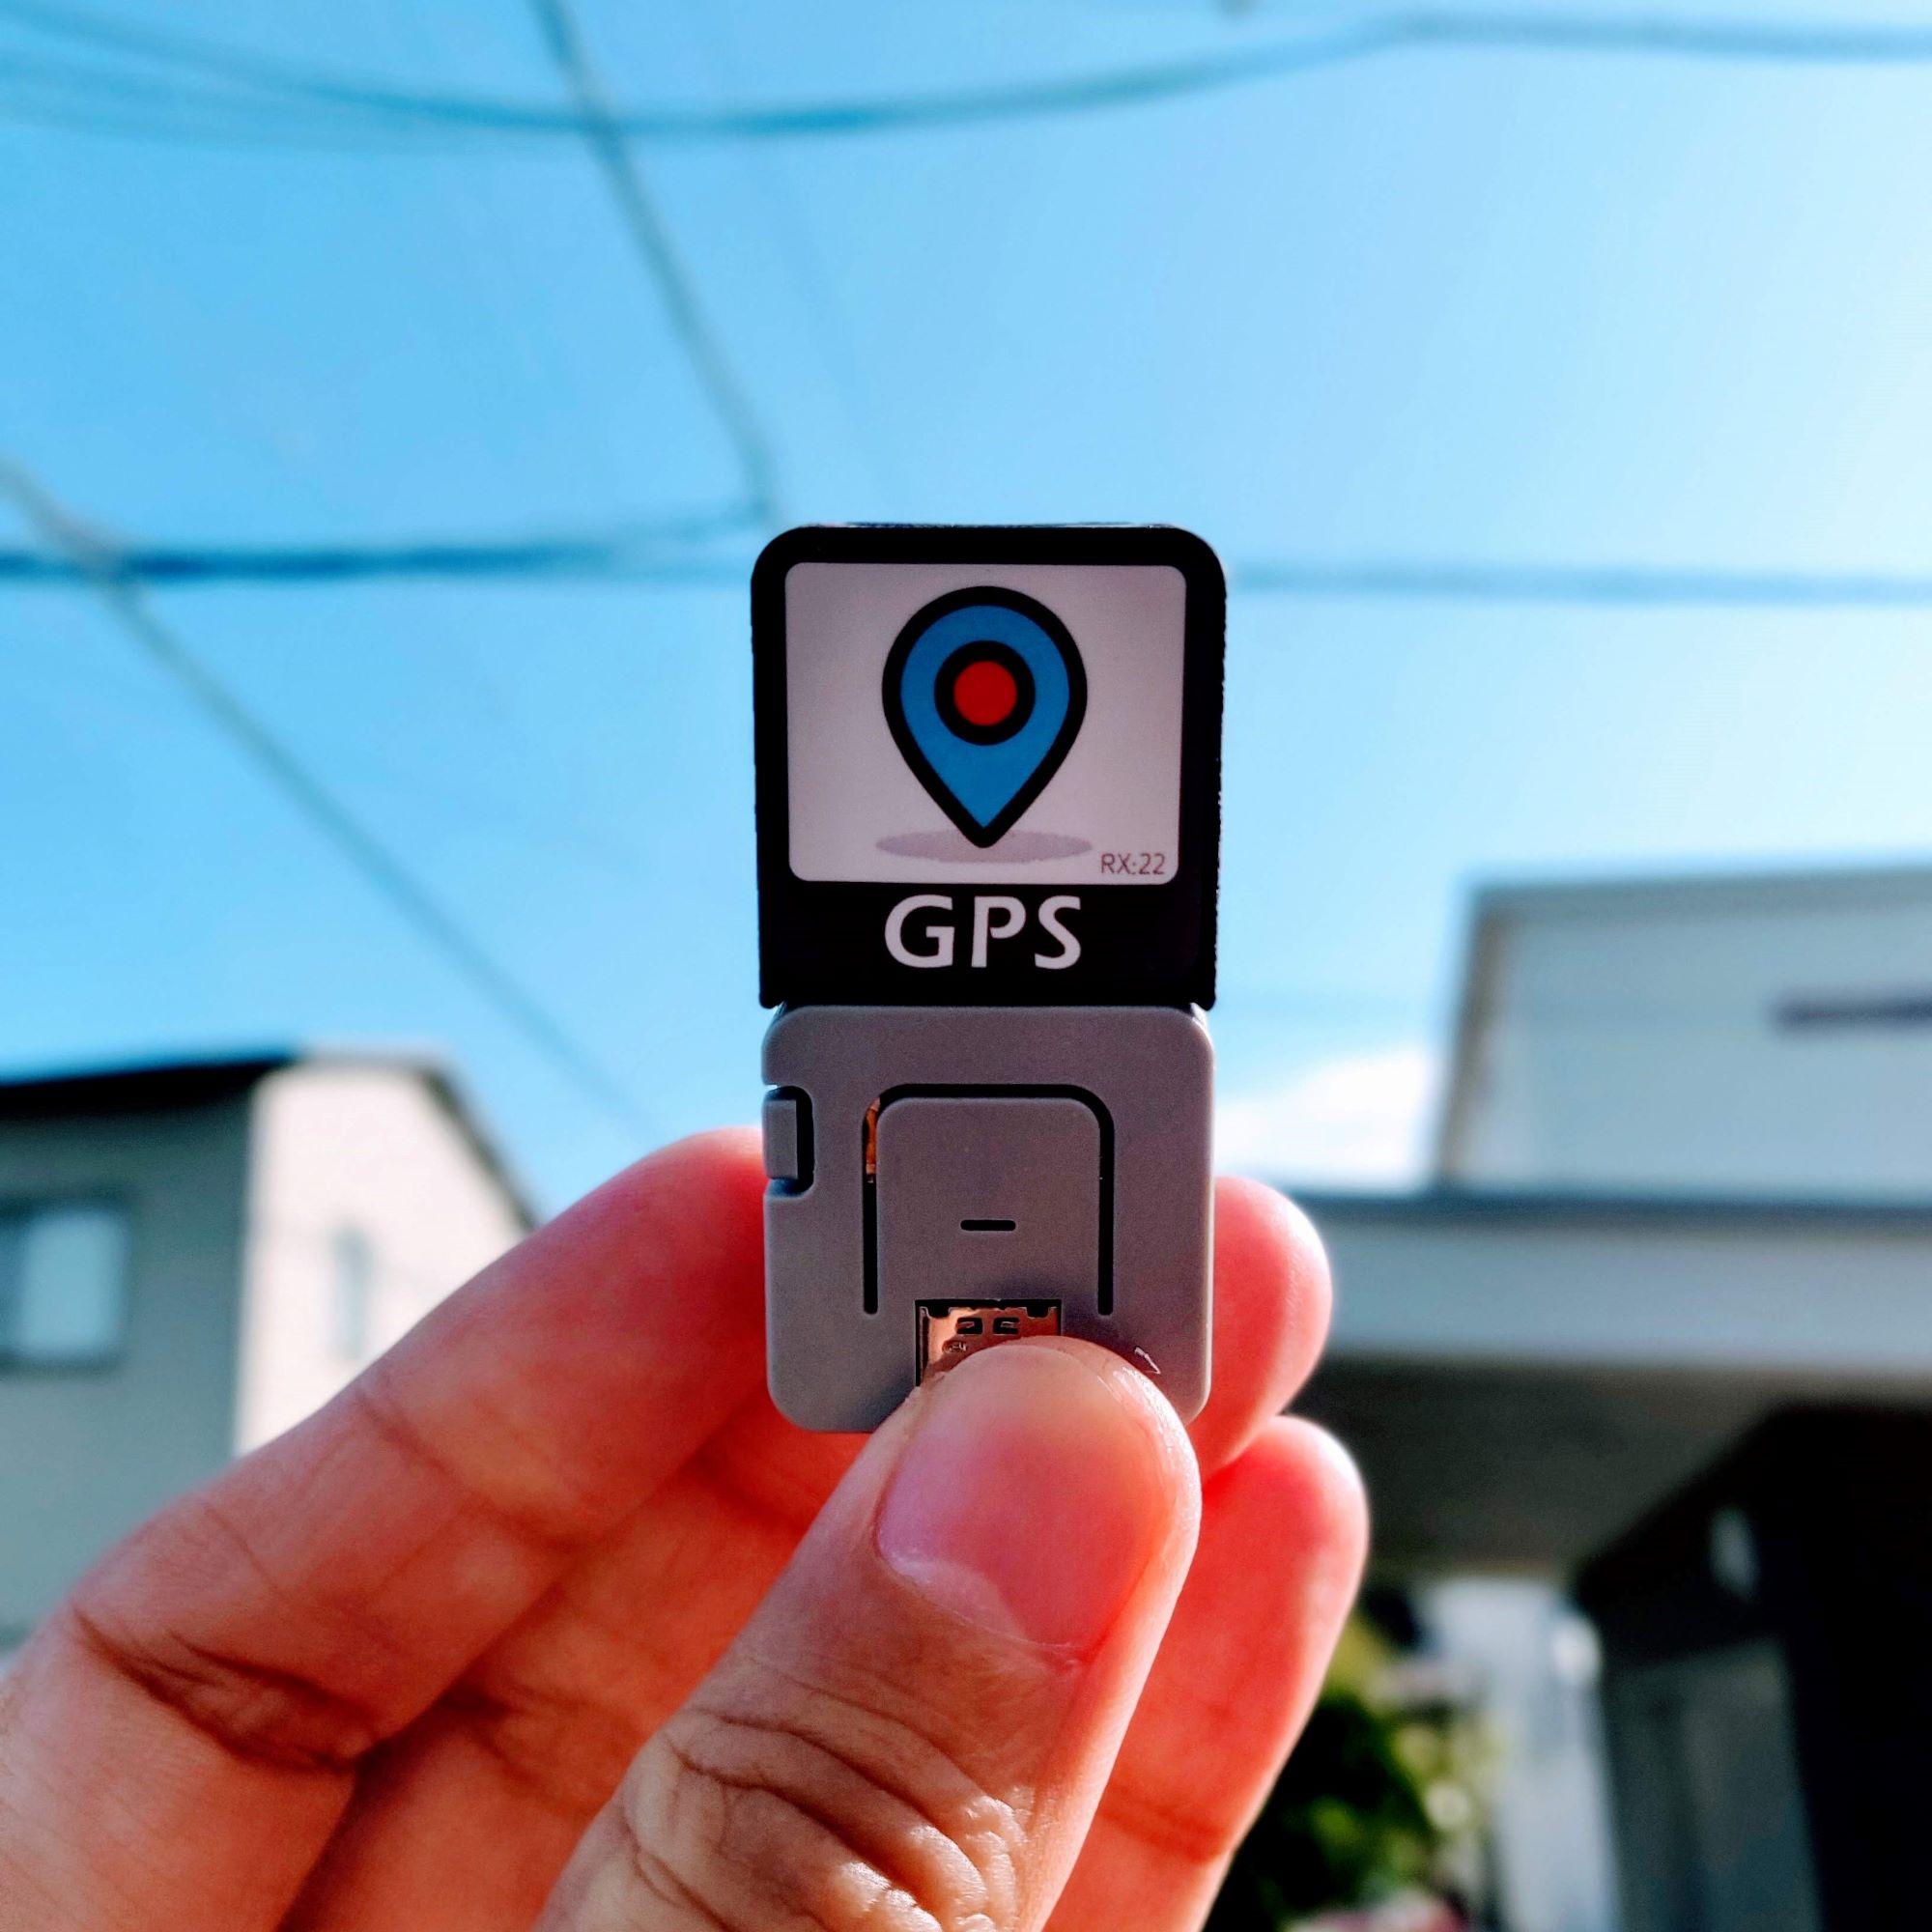 「3000円で作るGPSロガーシステム(M5Atom+GPSモジュール+クラウド完全無料枠)」のイメージ